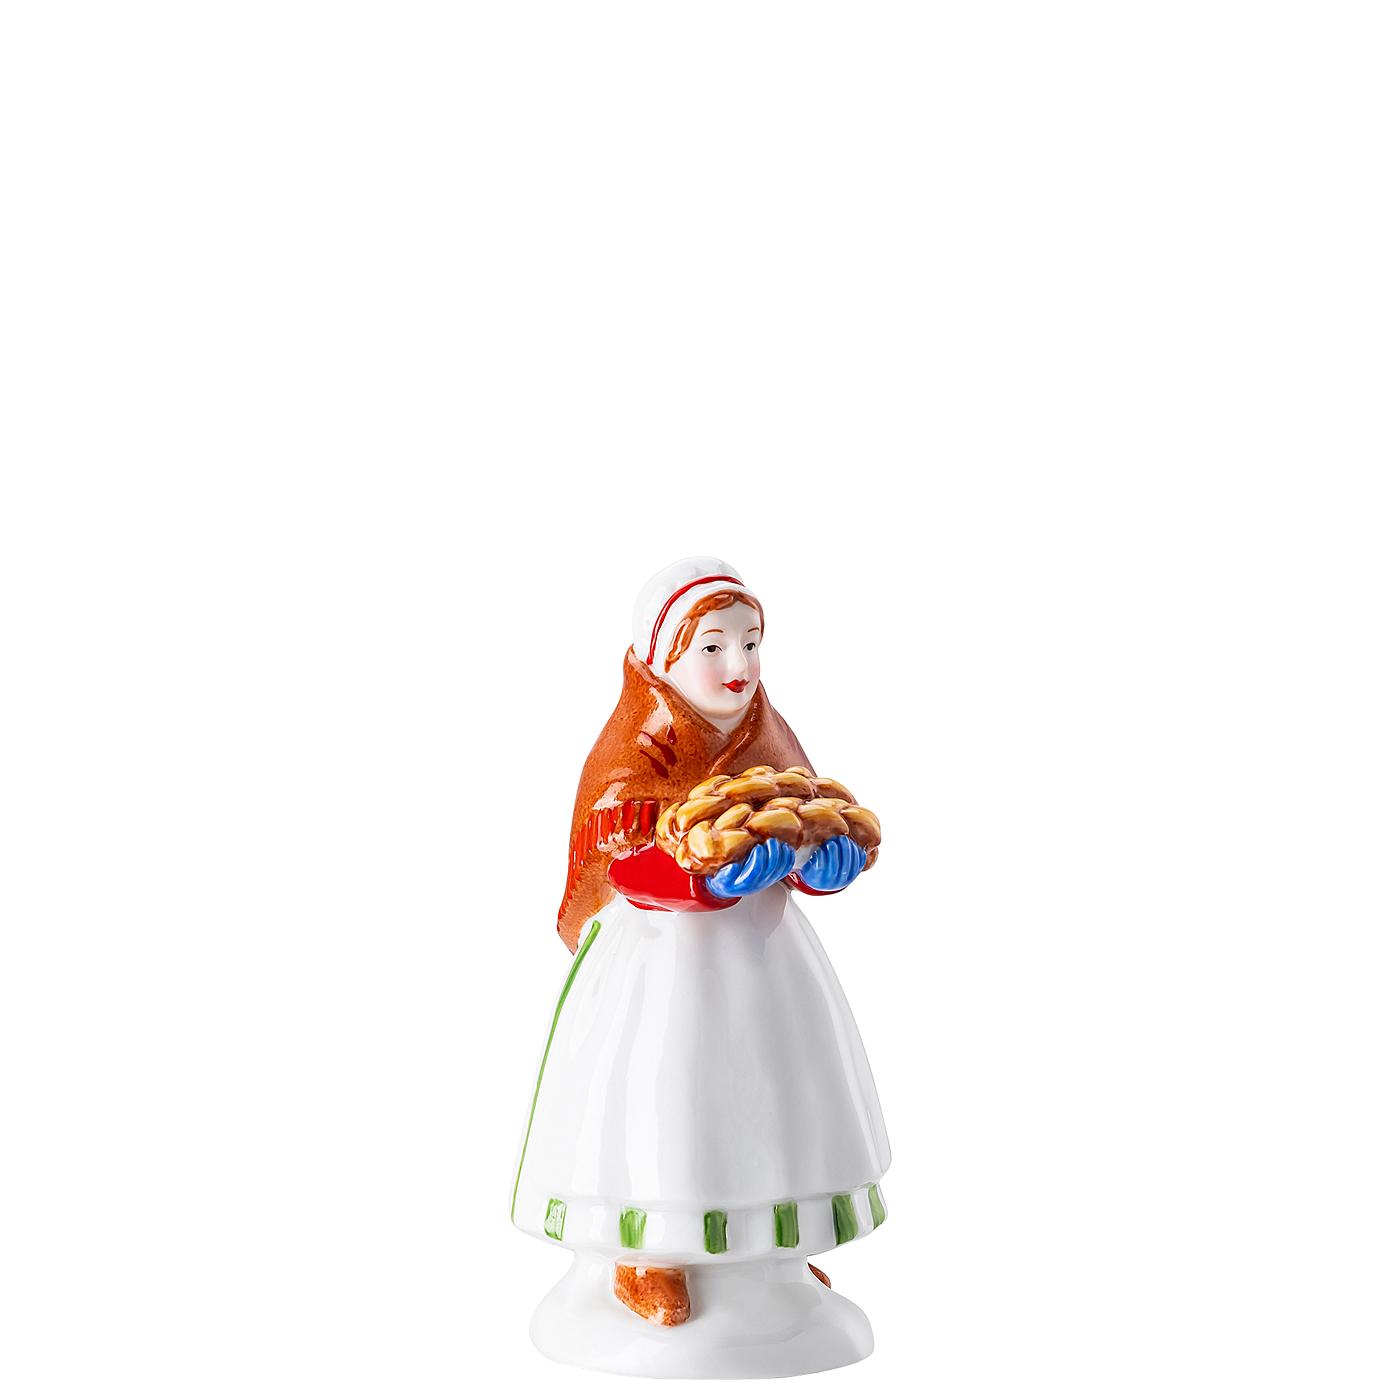 Marktfrau Figuren Weihnachtsbäckerei Hutschenreuther